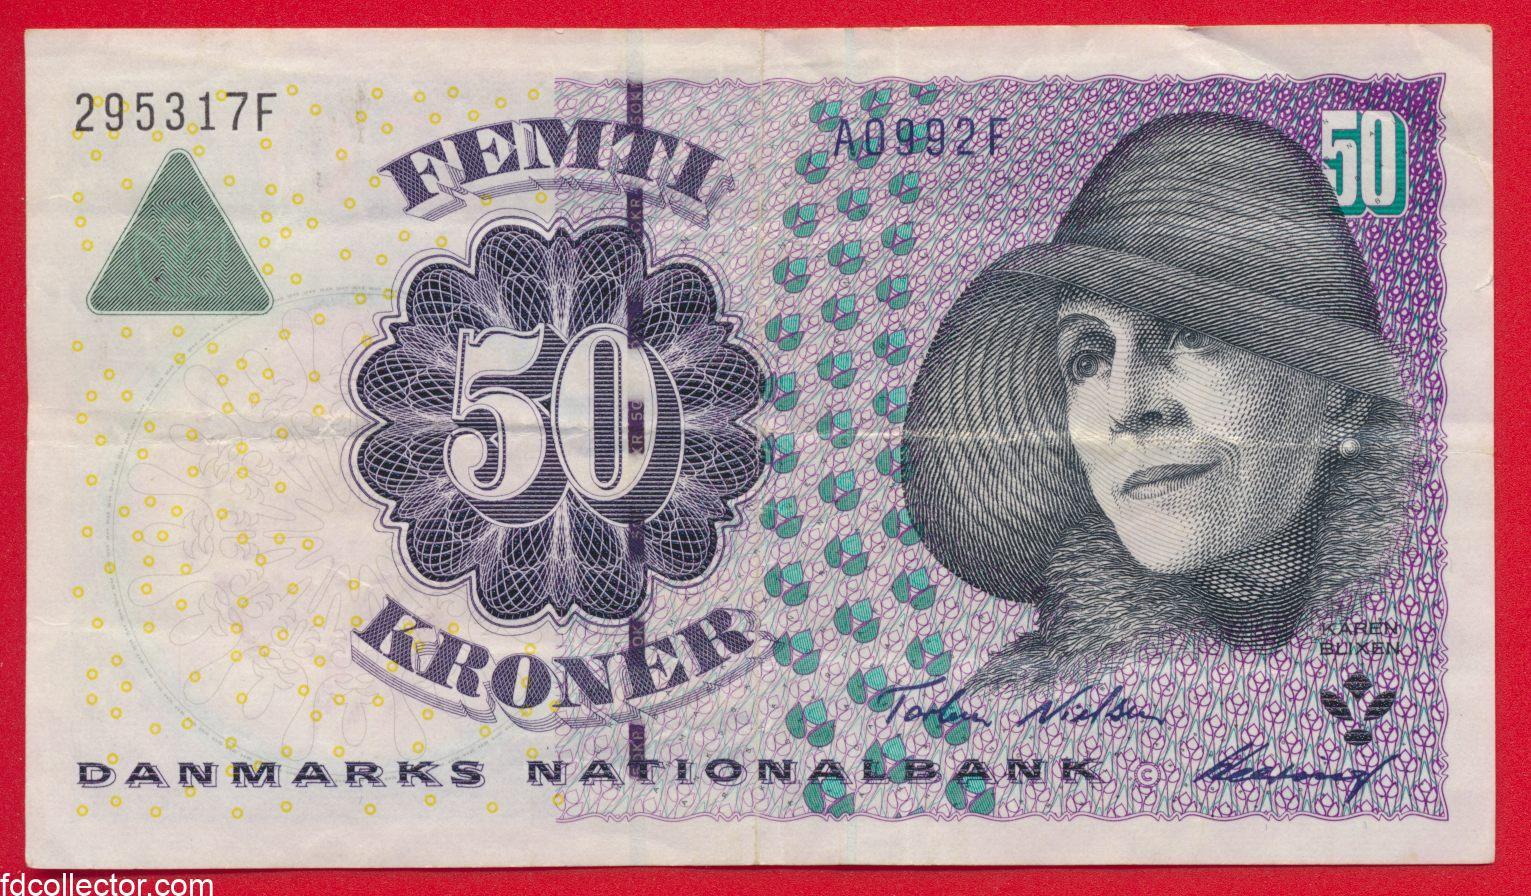 danemark-50-kroner-1999